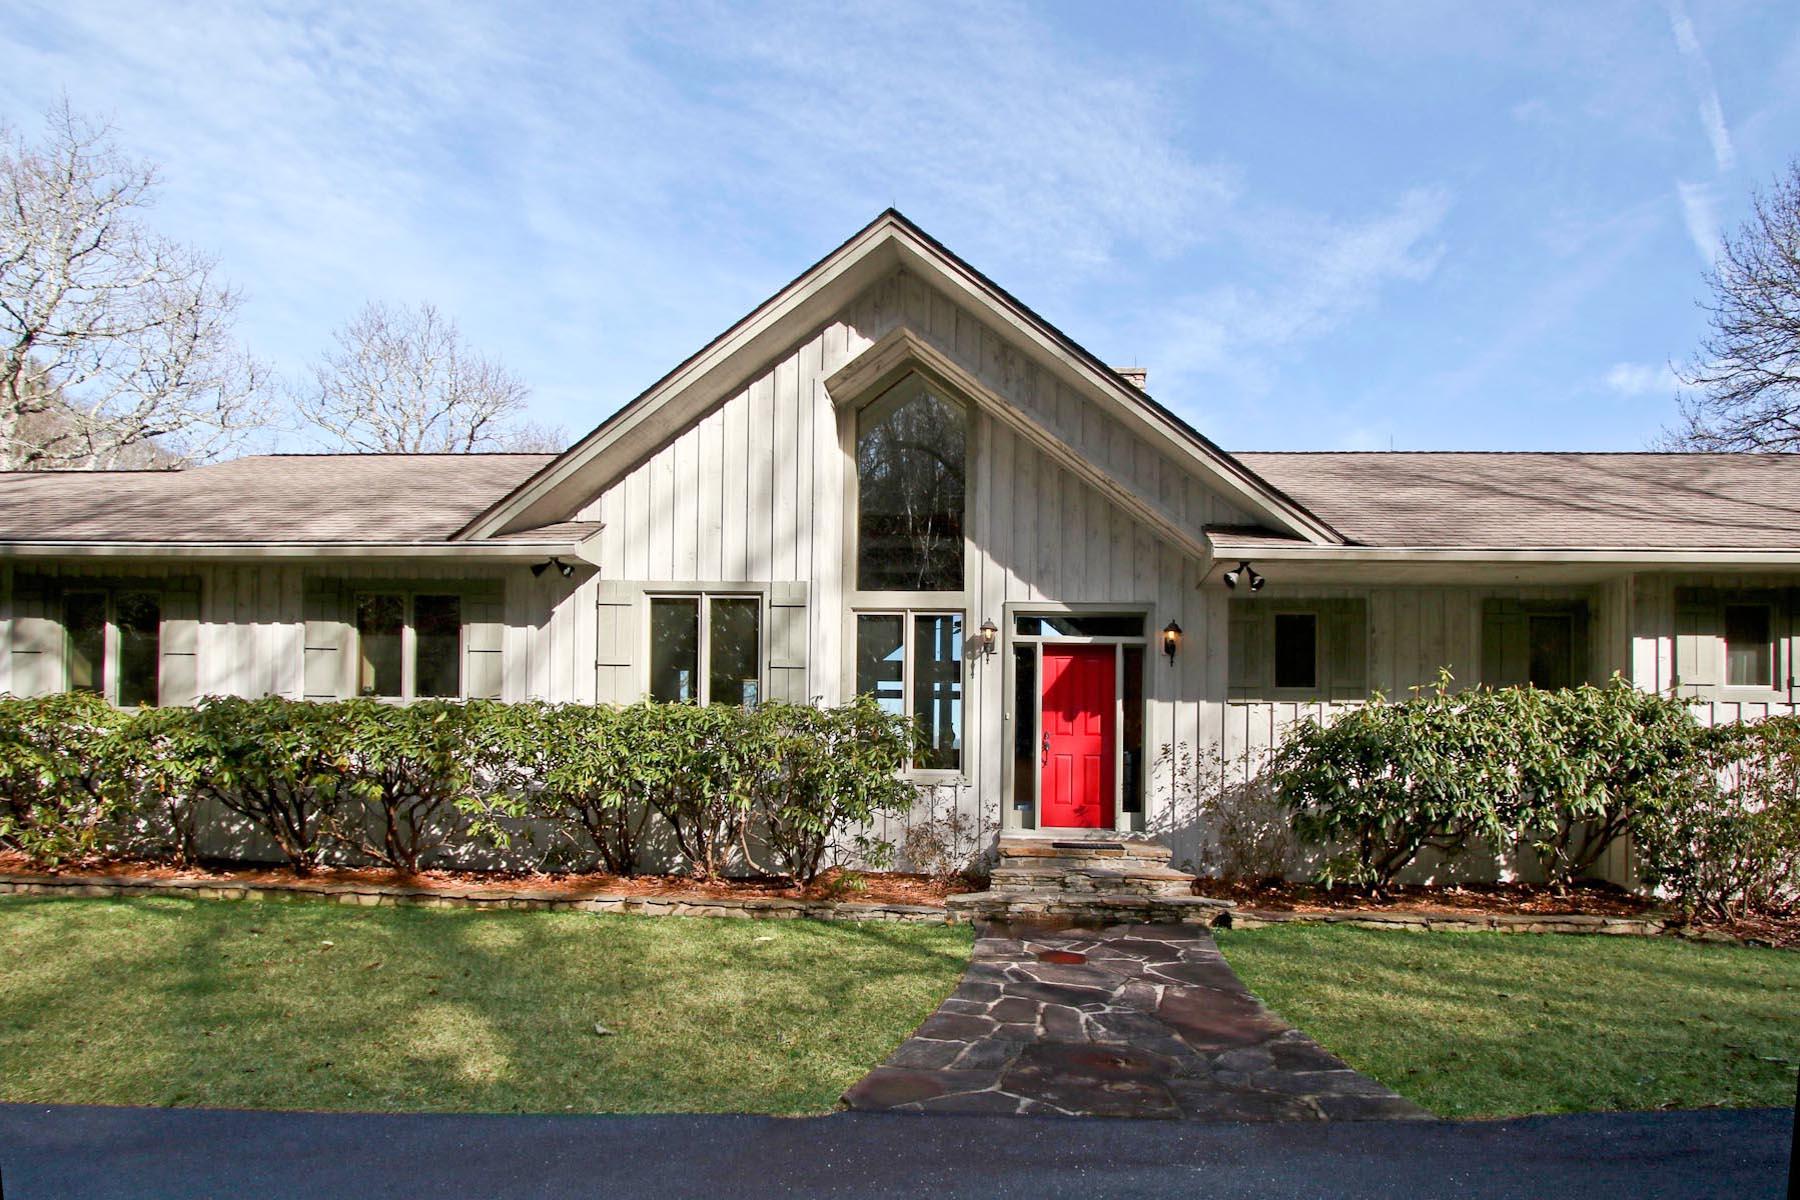 Casa Unifamiliar por un Venta en 51 Lower Brushy Face Circle Highlands, Carolina Del Norte, 28741 Estados Unidos